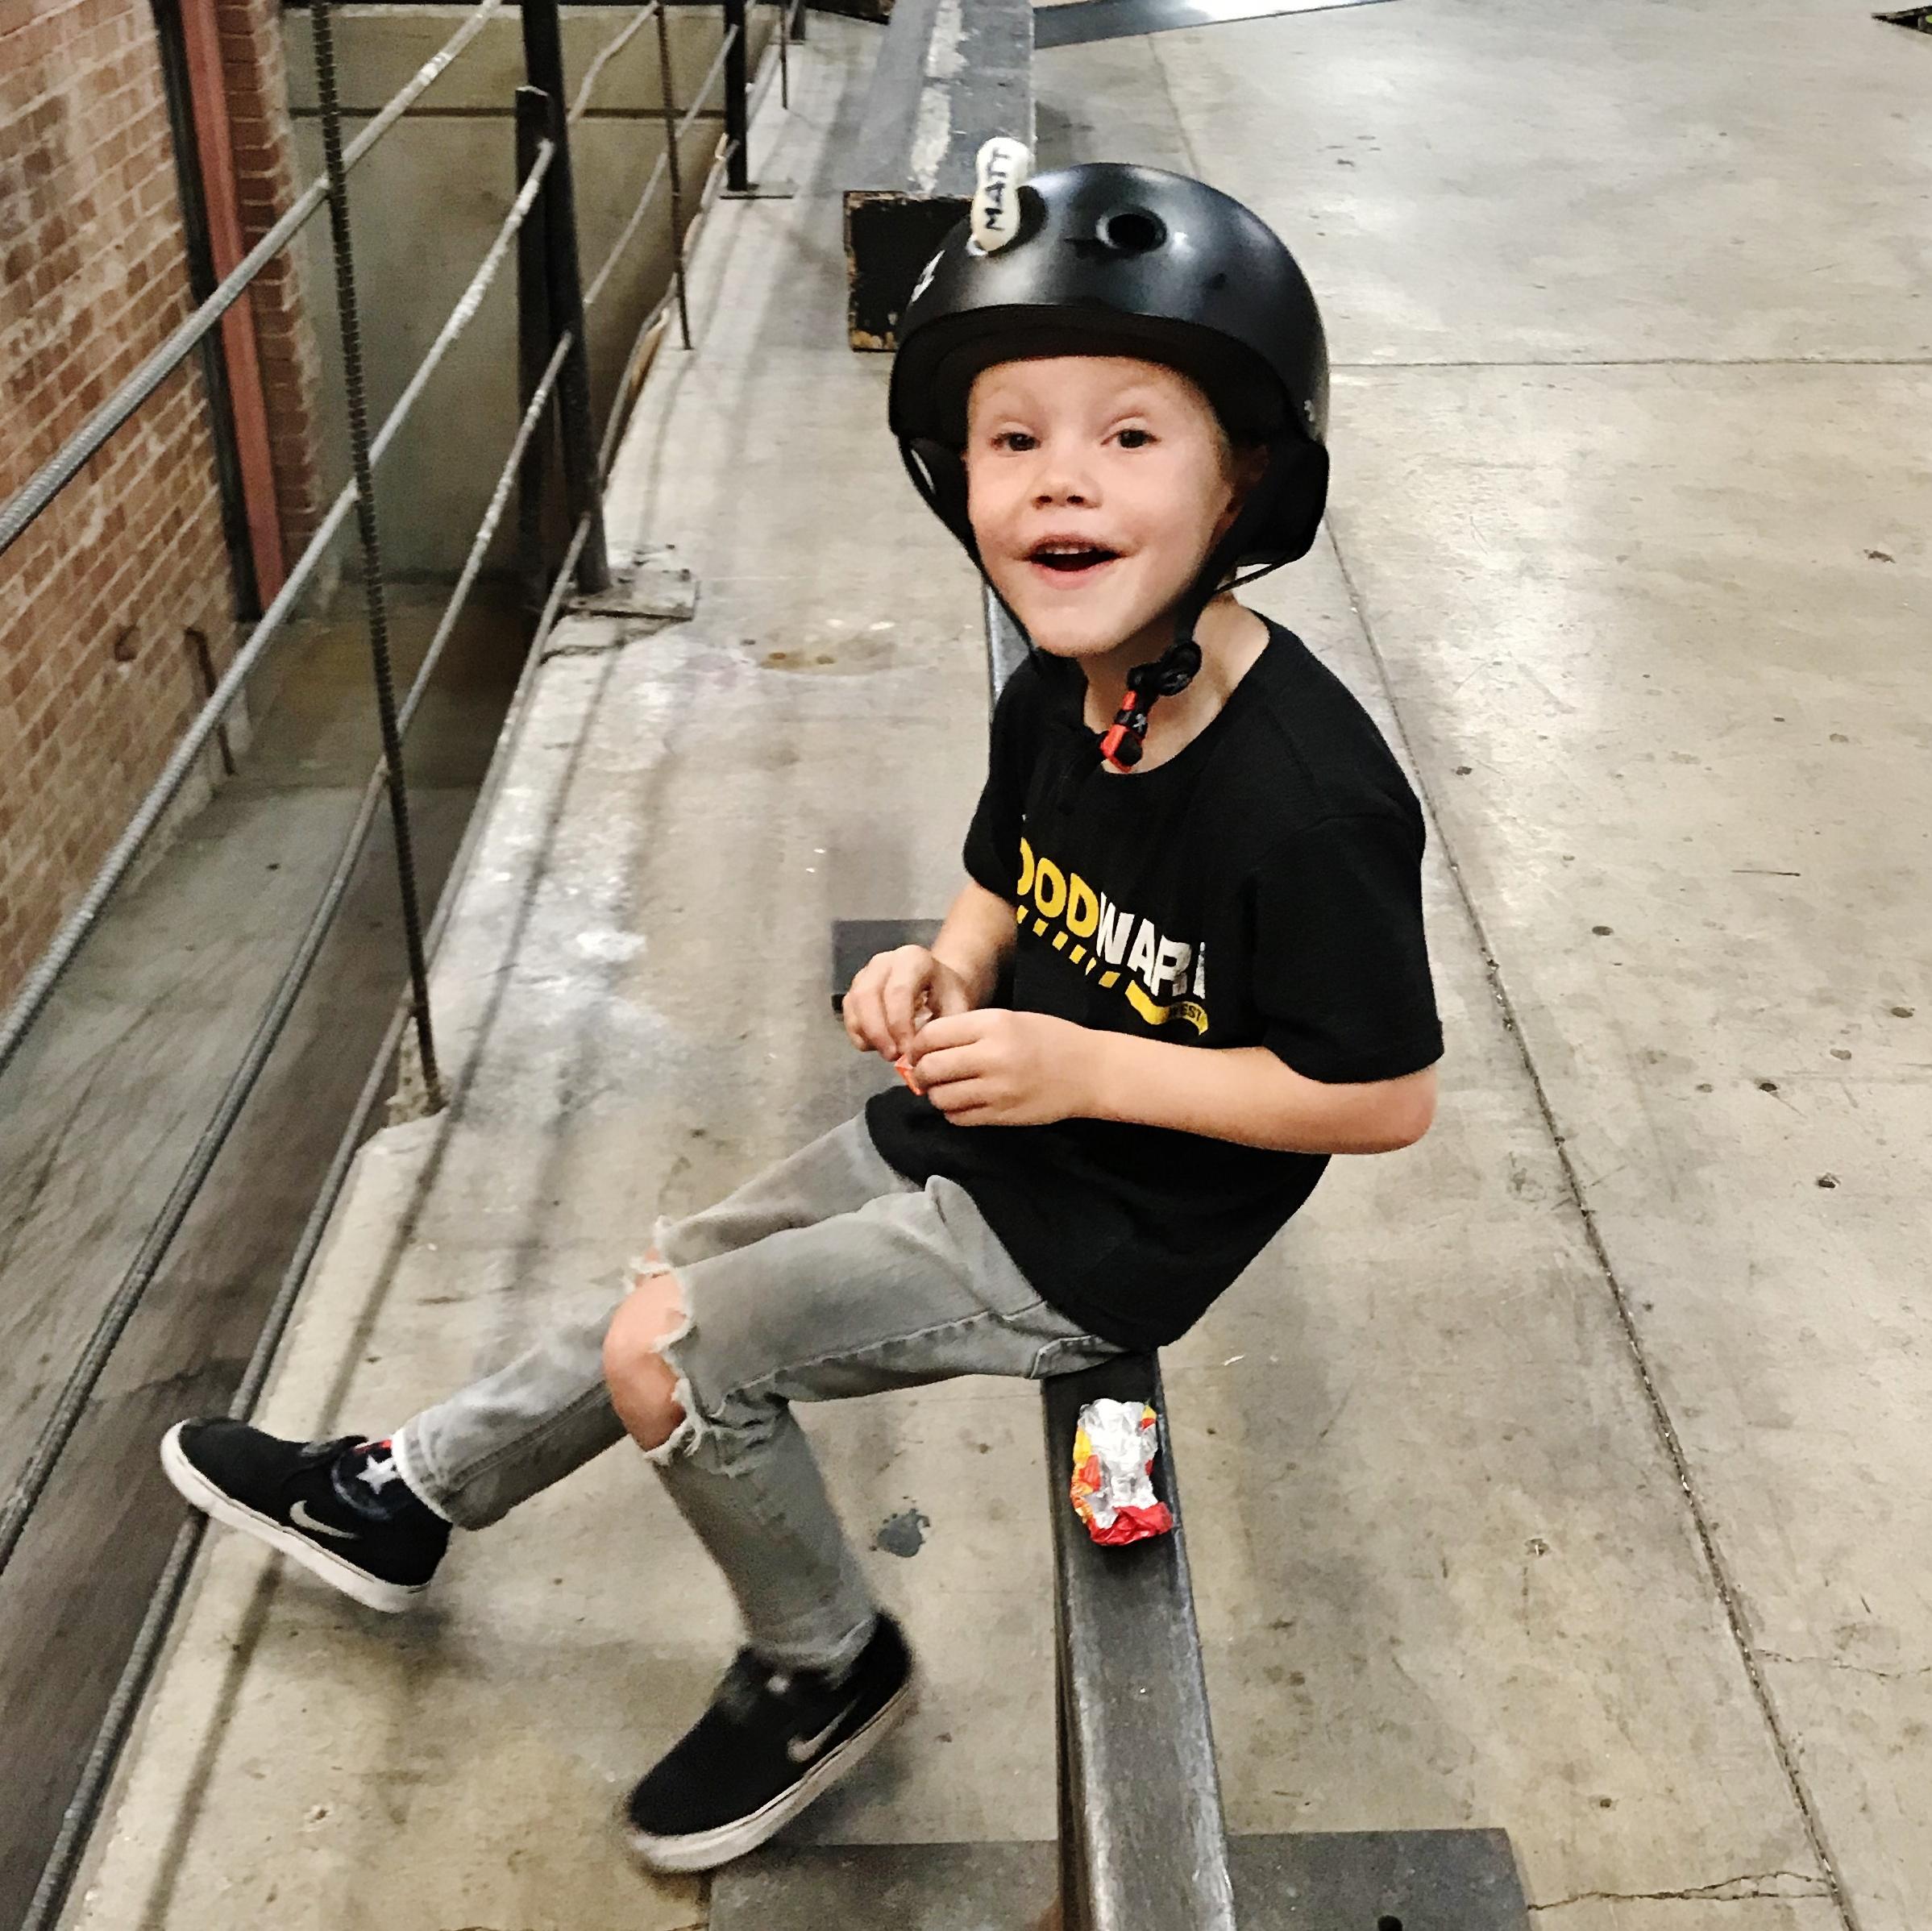 BEGINNER Rider: Matthew Anderson  The Scooter Stop  @skander_matt